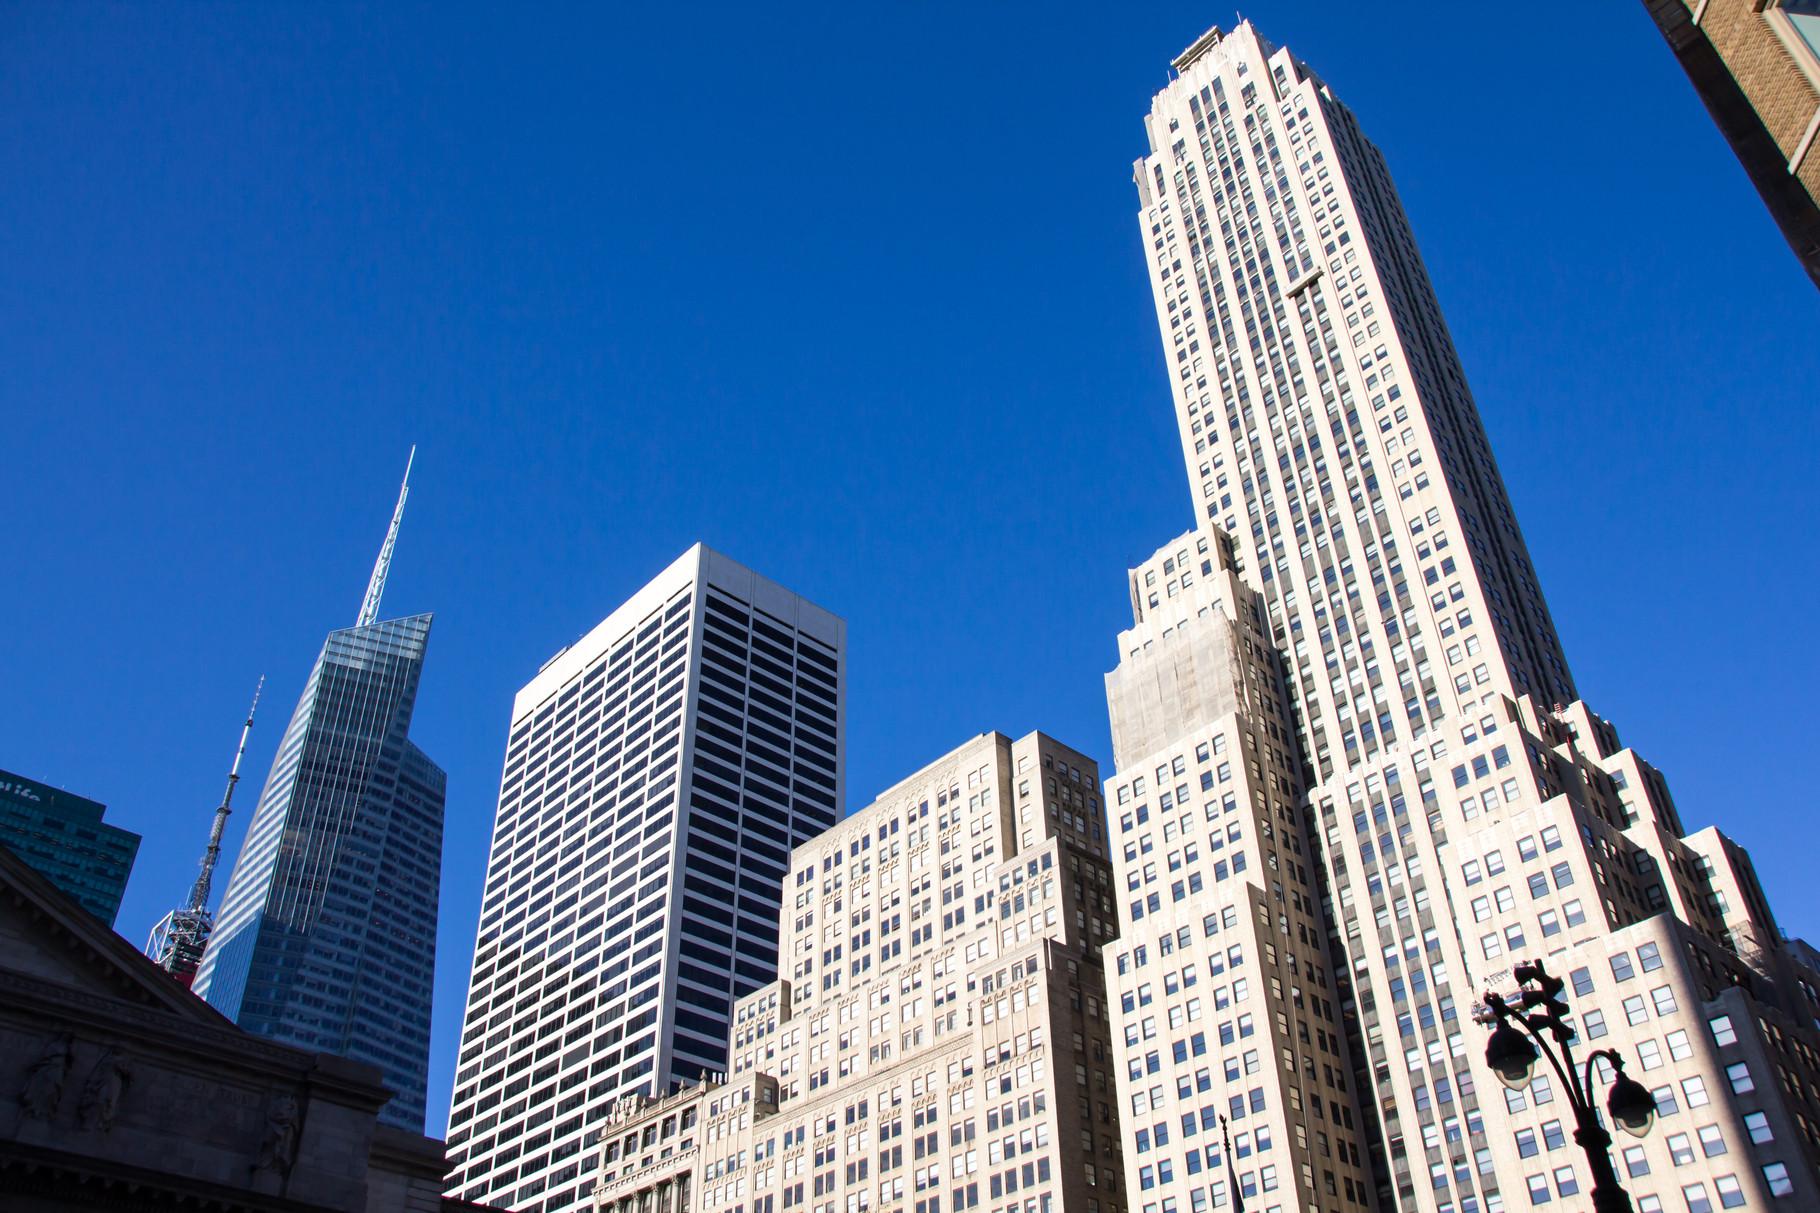 10_NYC 5th Avenue.